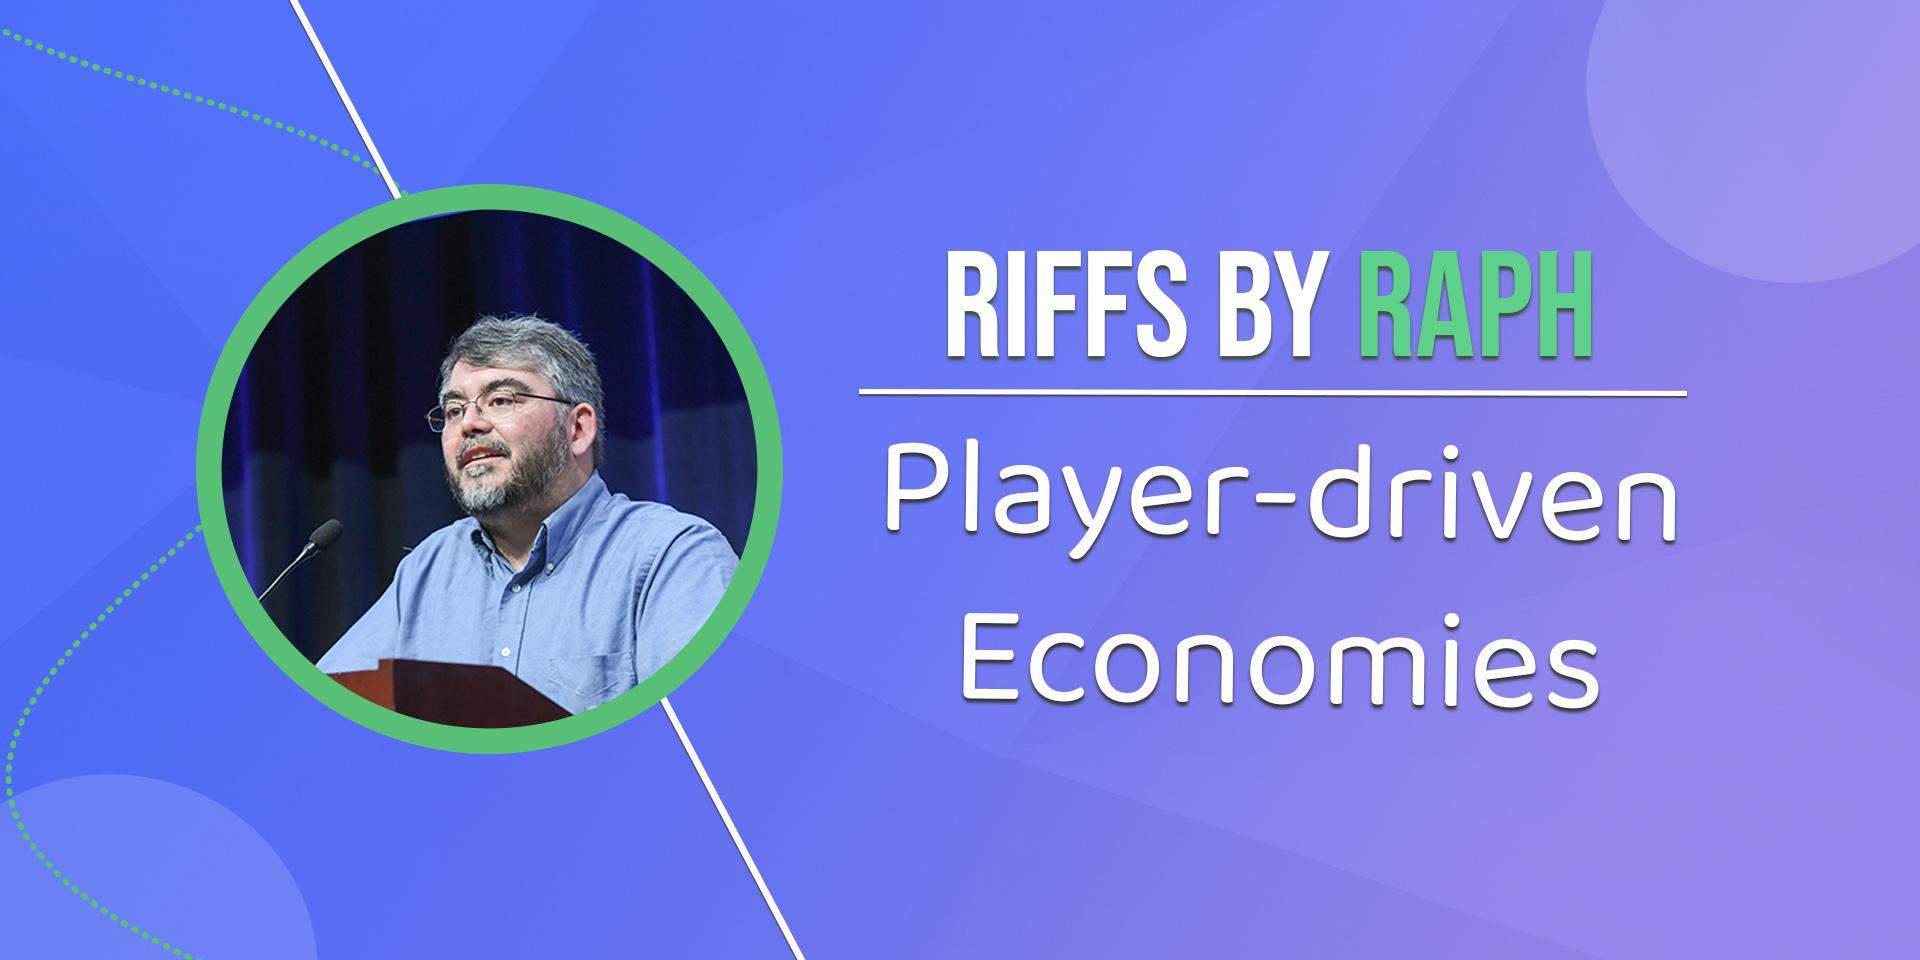 MMO-индустрия: Раф Костер рассуждает о настоящей экономике под управлением игроков